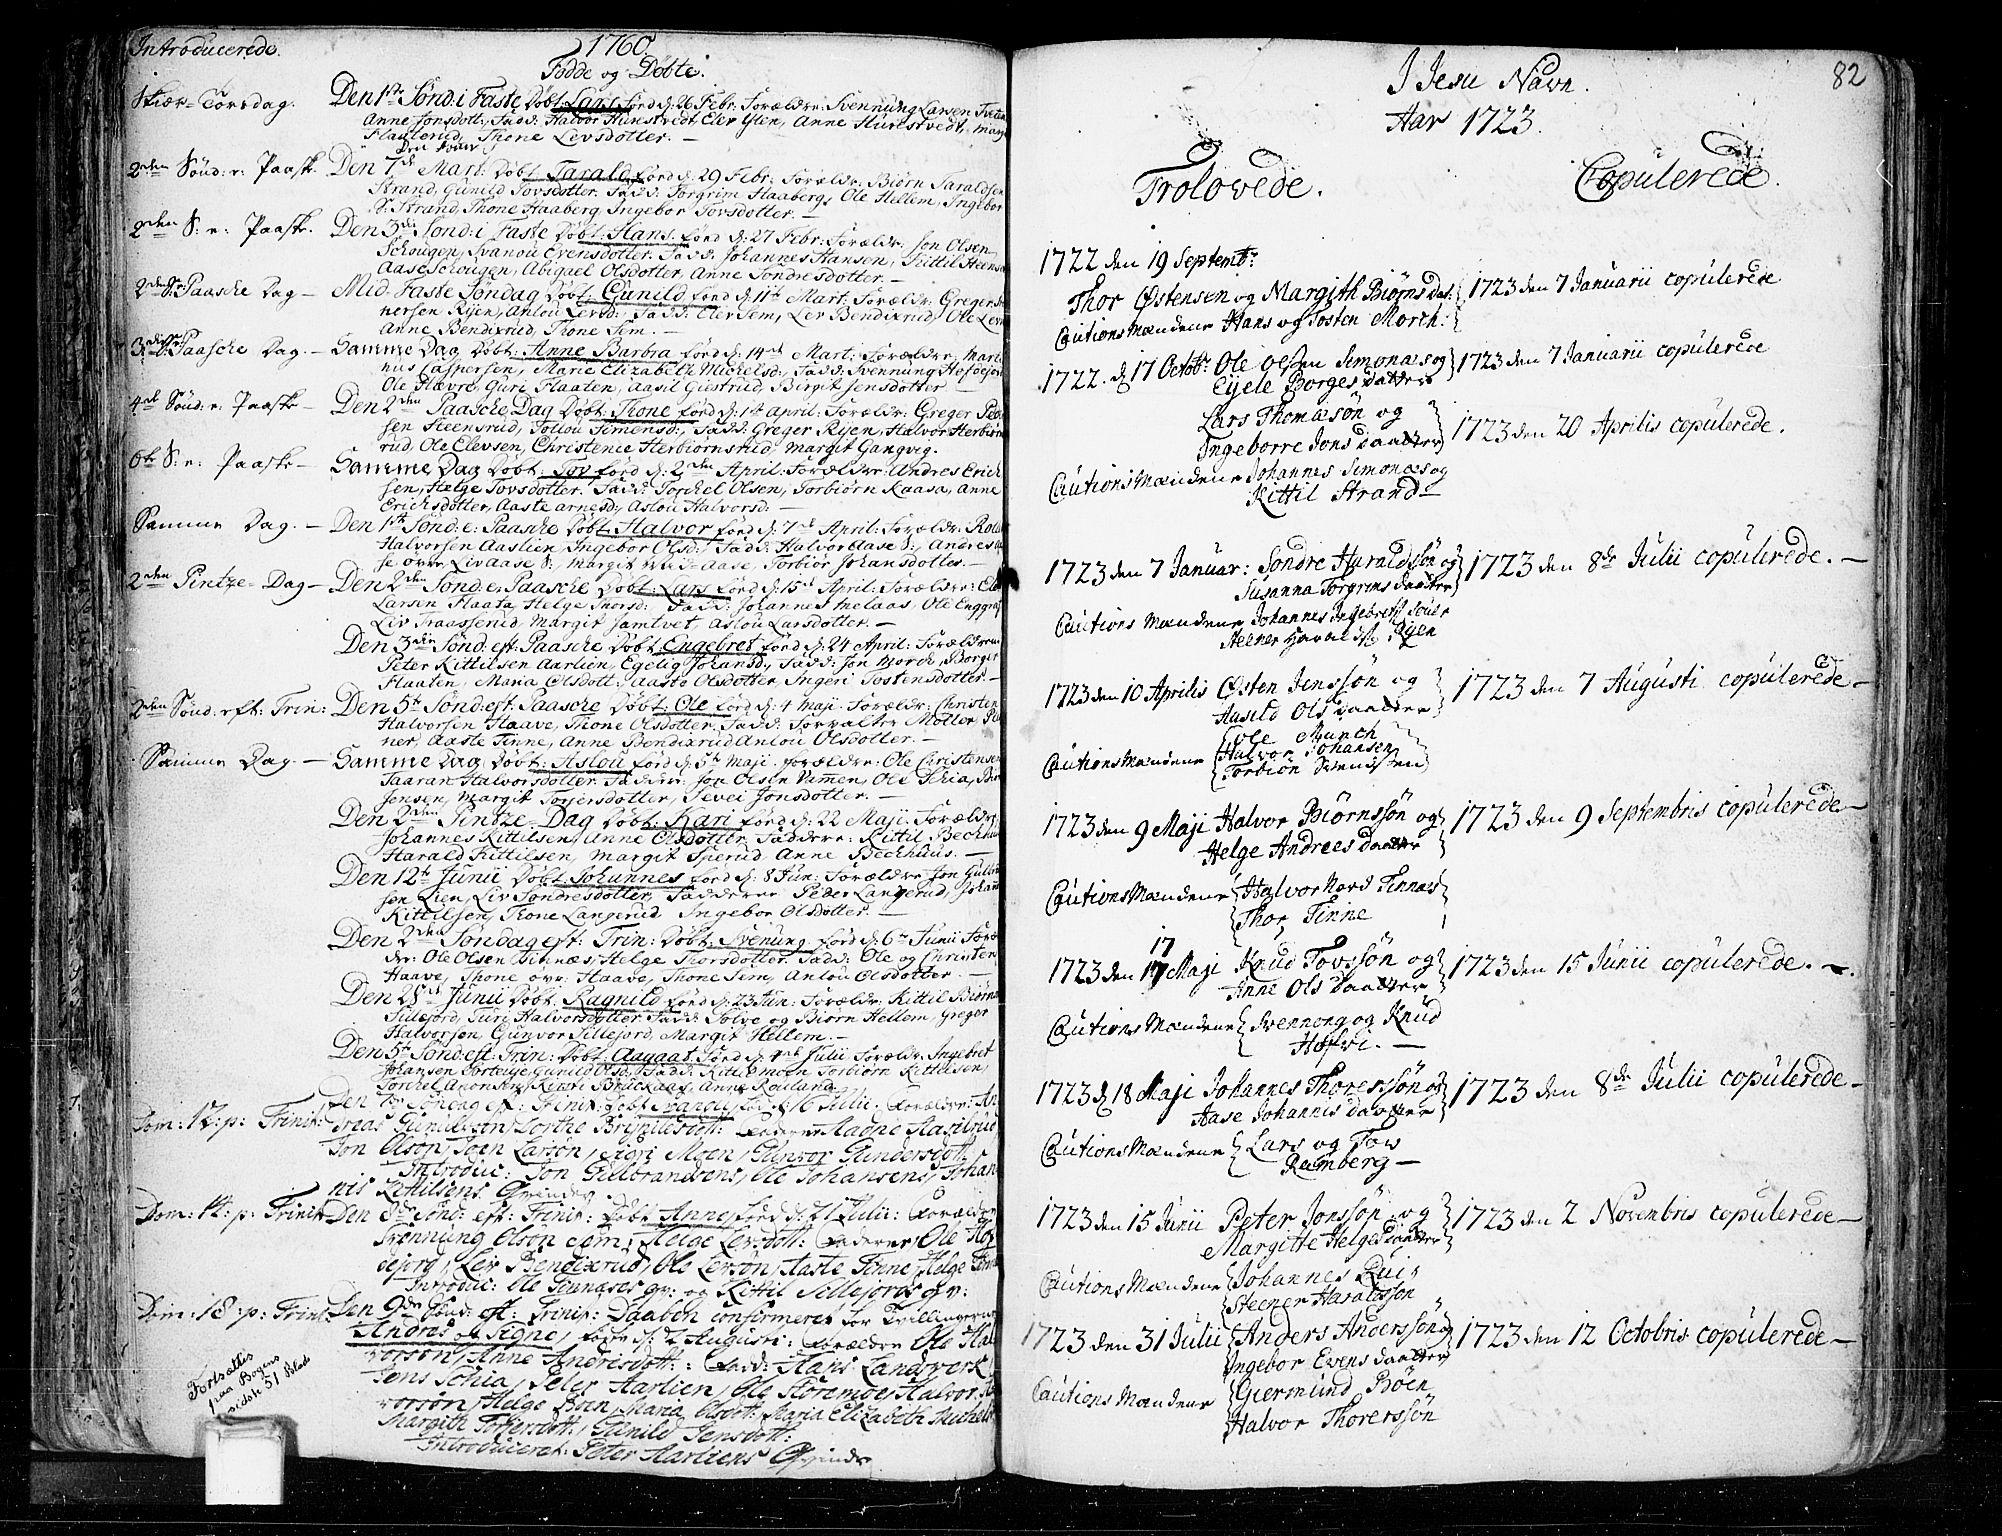 SAKO, Heddal kirkebøker, F/Fa/L0003: Ministerialbok nr. I 3, 1723-1783, s. 82